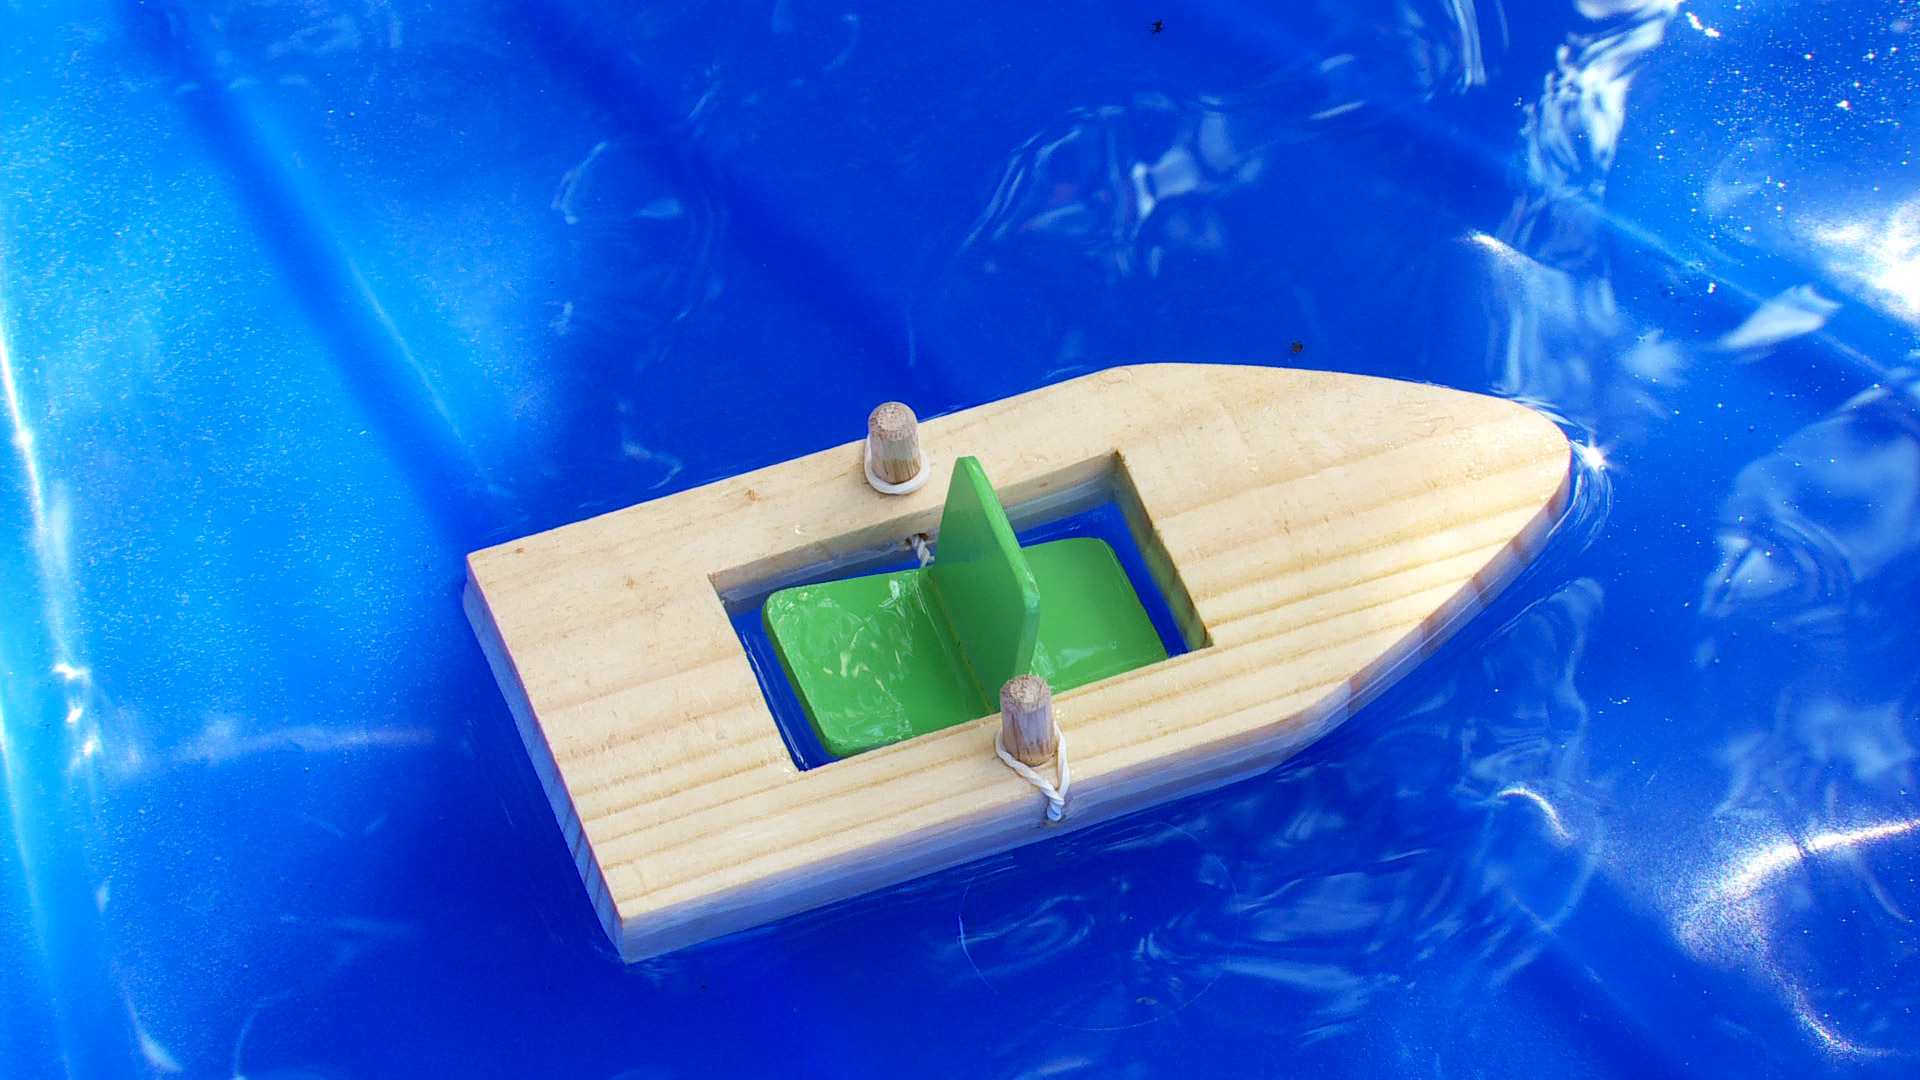 En este proyecto aprenderemos a construir botes de madera, similares a los que hay en puertos y caletas de la costa, pero que nos servirán para jugar dentro y fuera del agua.